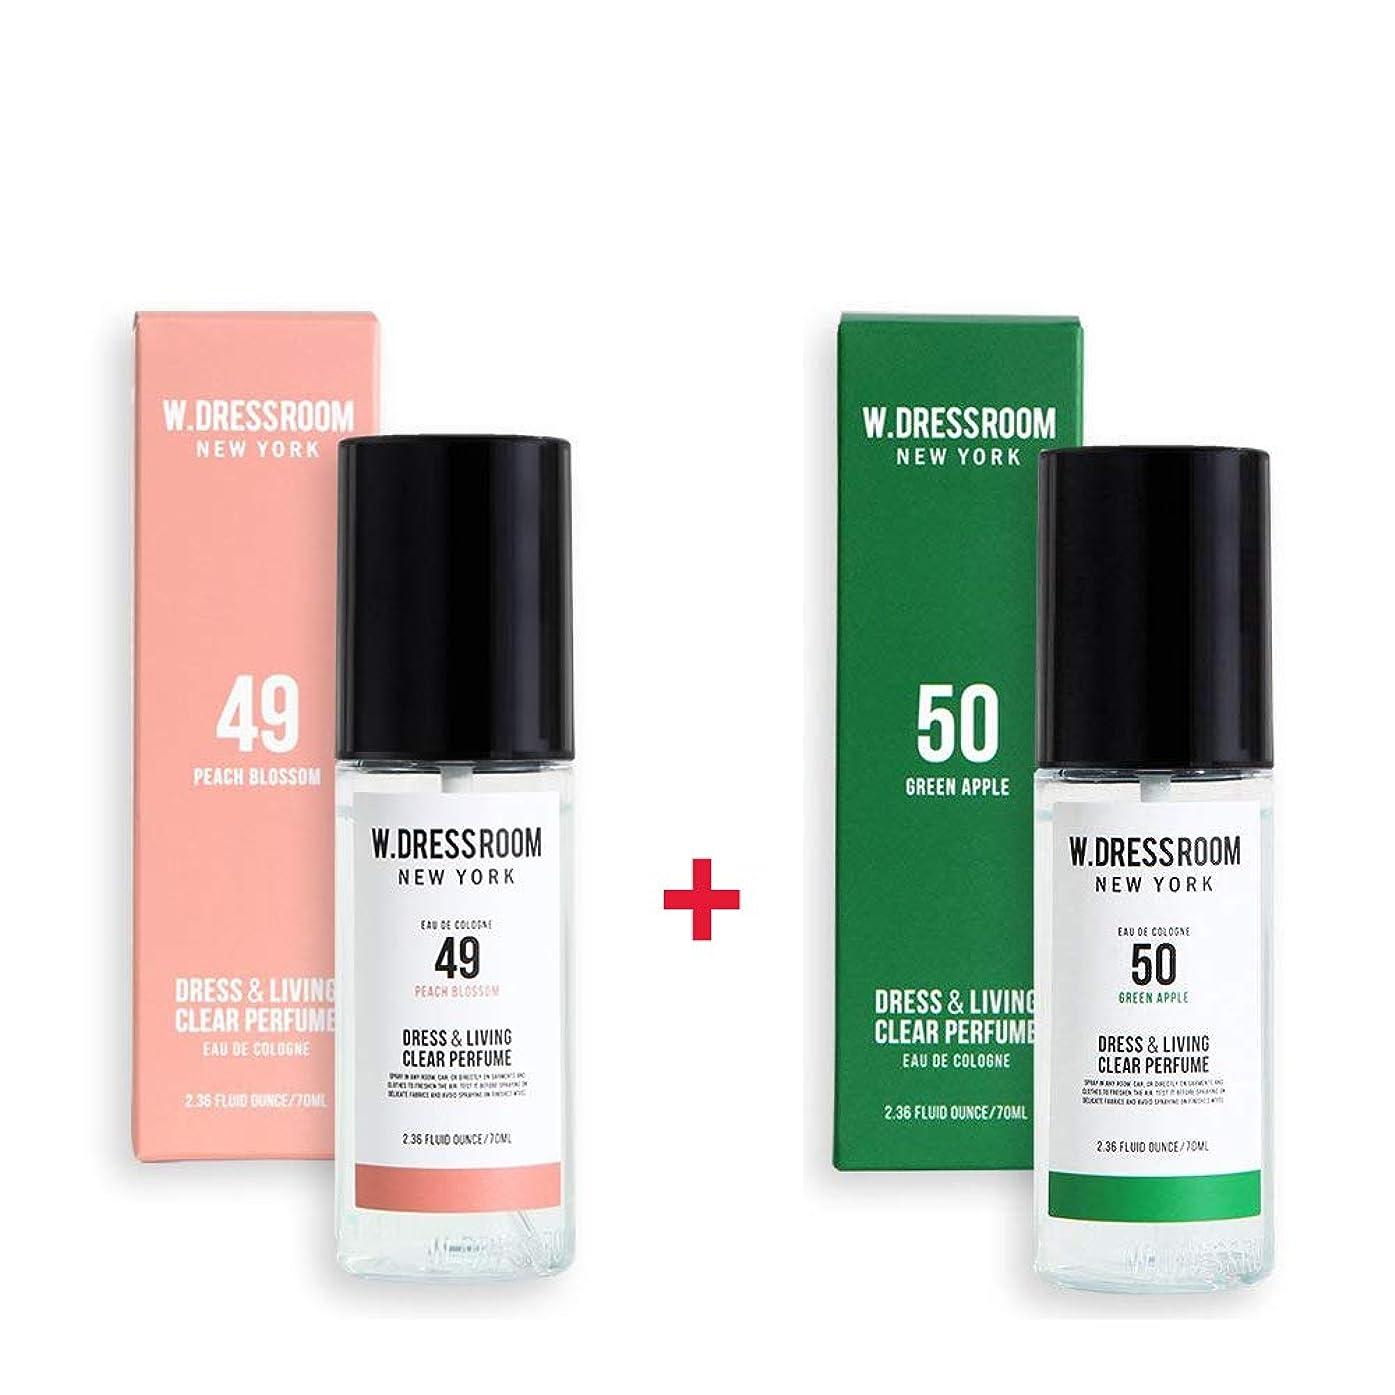 傑作節約する腹痛W.DRESSROOM Dress & Living Clear Perfume 70ml (No 49 Peach Blossom)+(No 50 Green Apple)